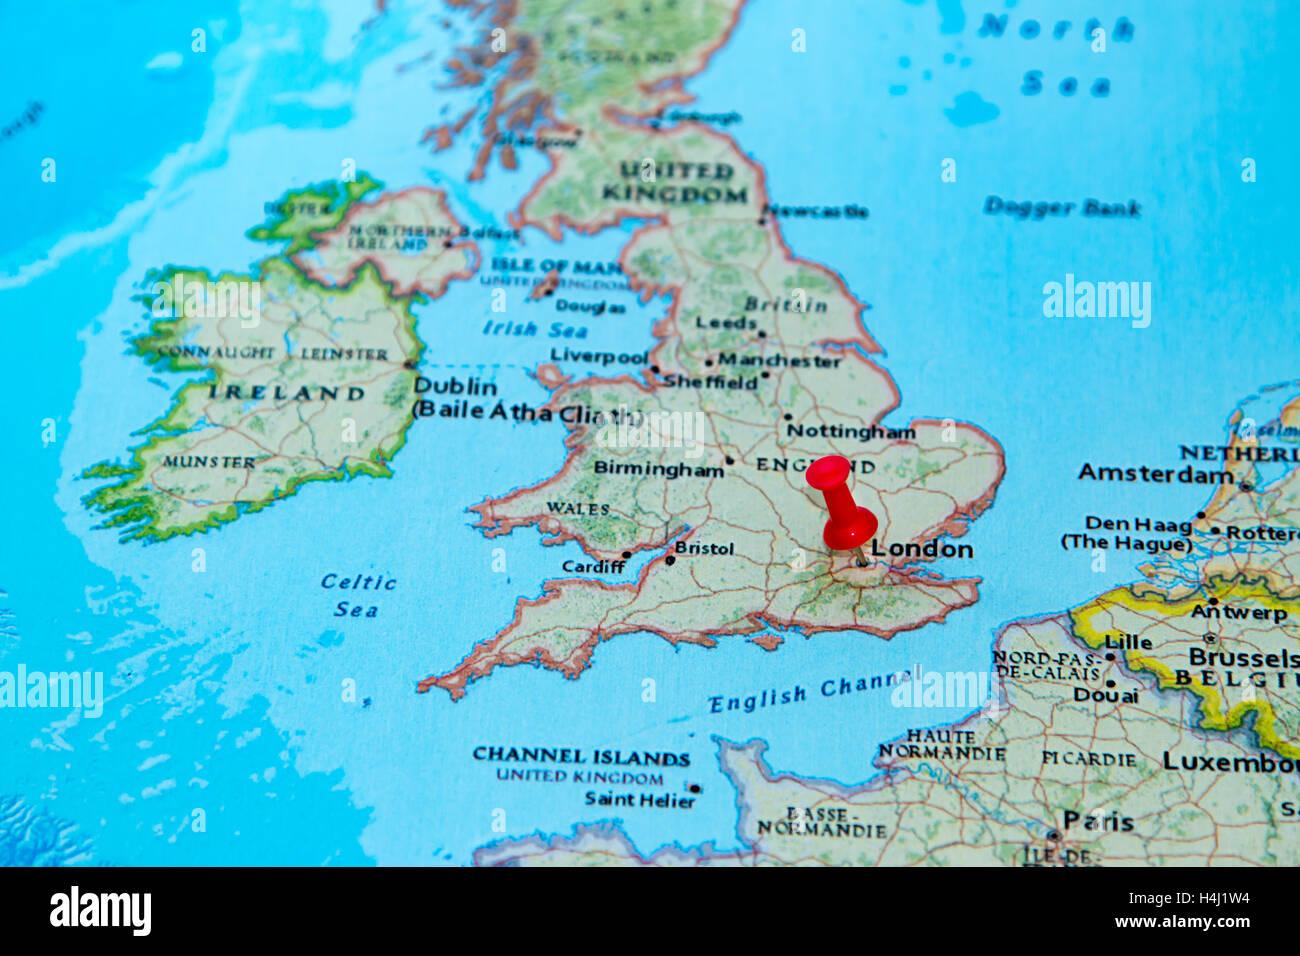 Karte London.London Vereinigtes Königreich Fixiert Auf Einer Karte Von Europa